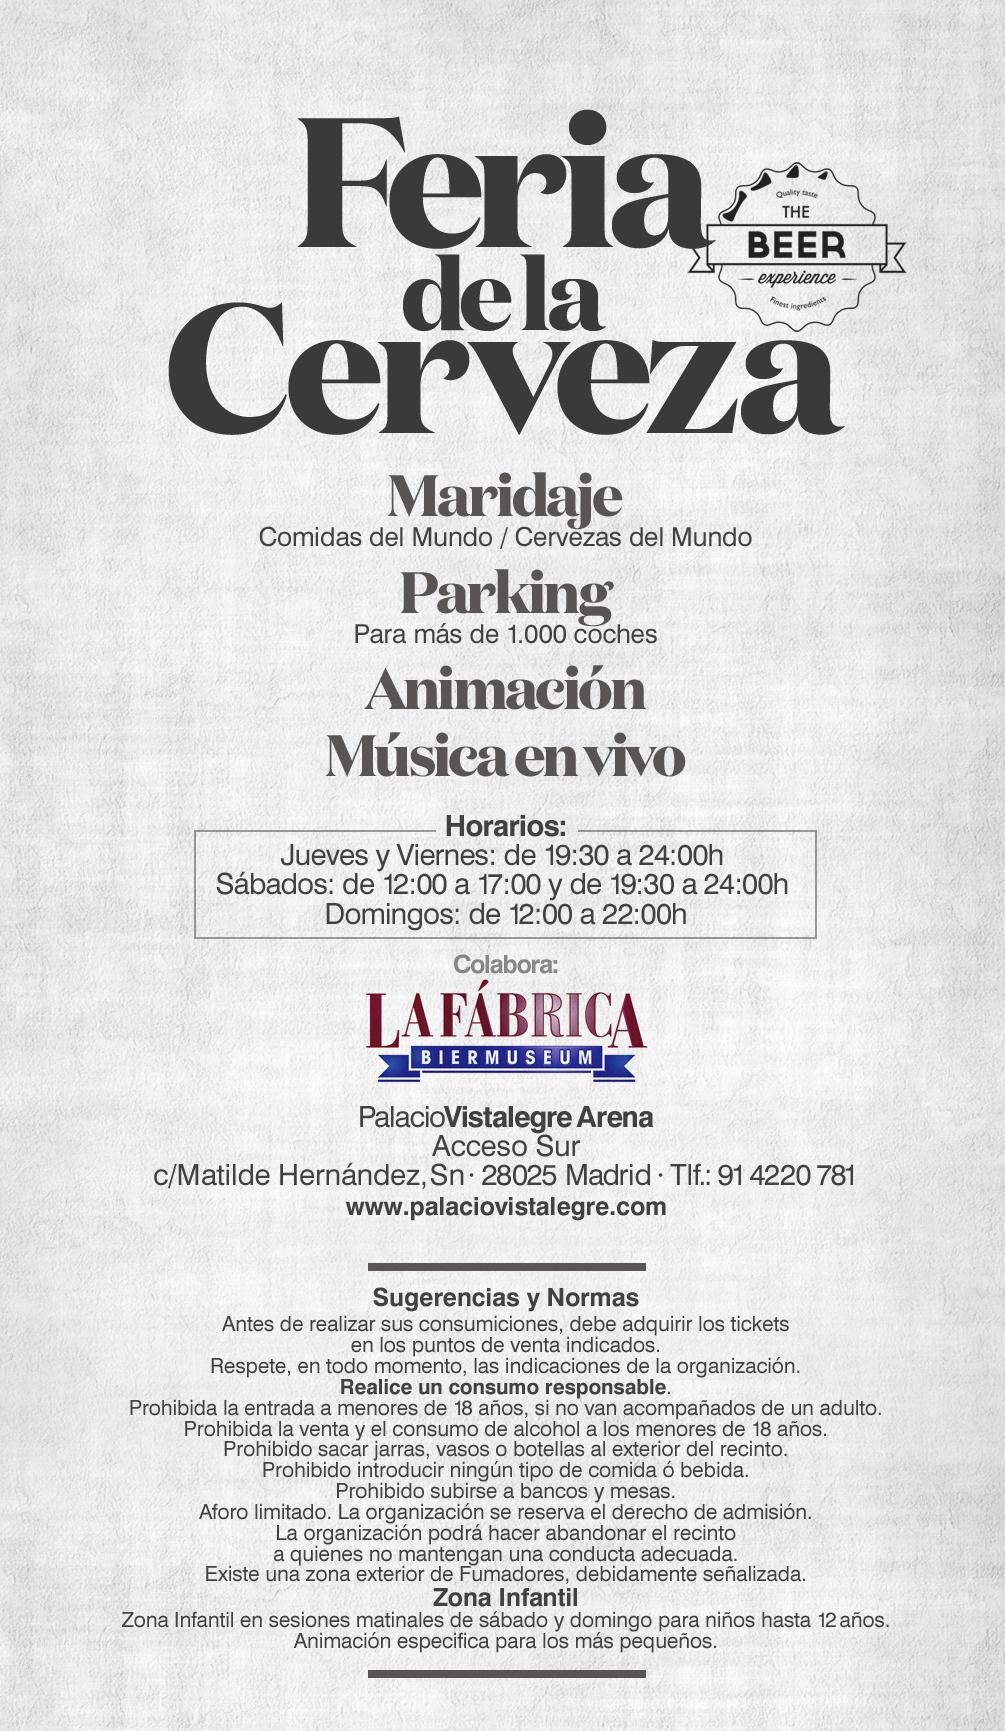 Feria-Cerveza_horarios